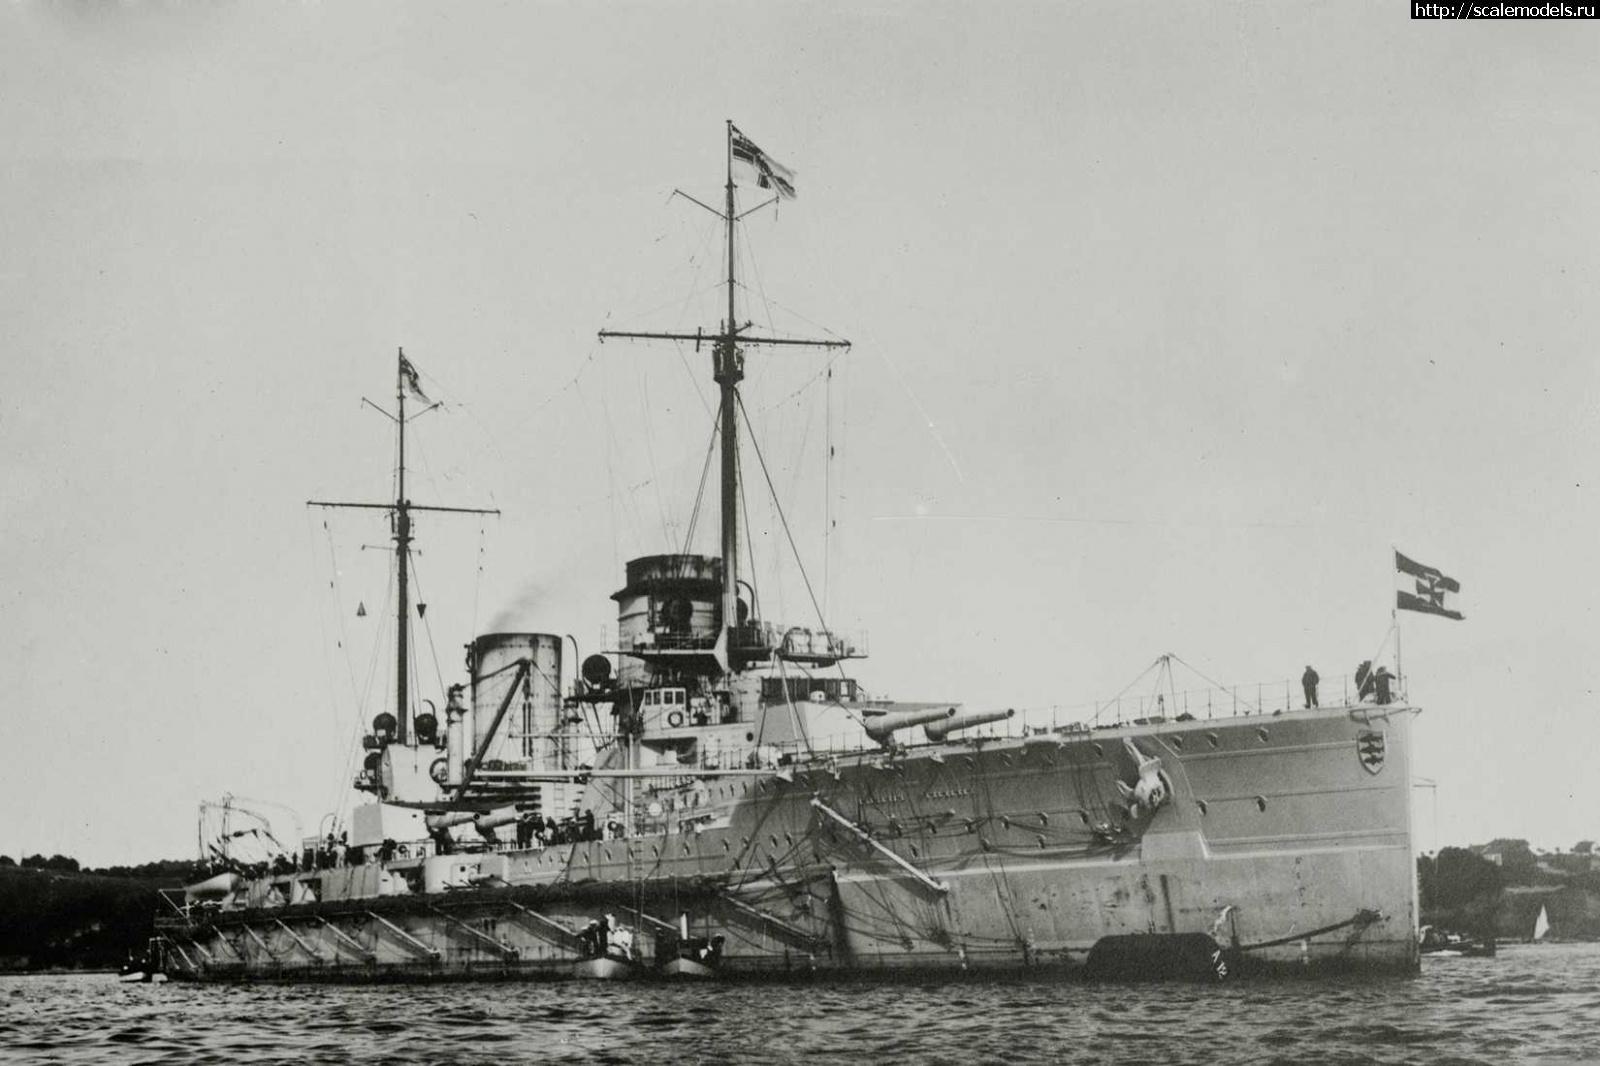 #1608597/ Германский линейный крейсер Seydlitz + травло Infini-model Закрыть окно